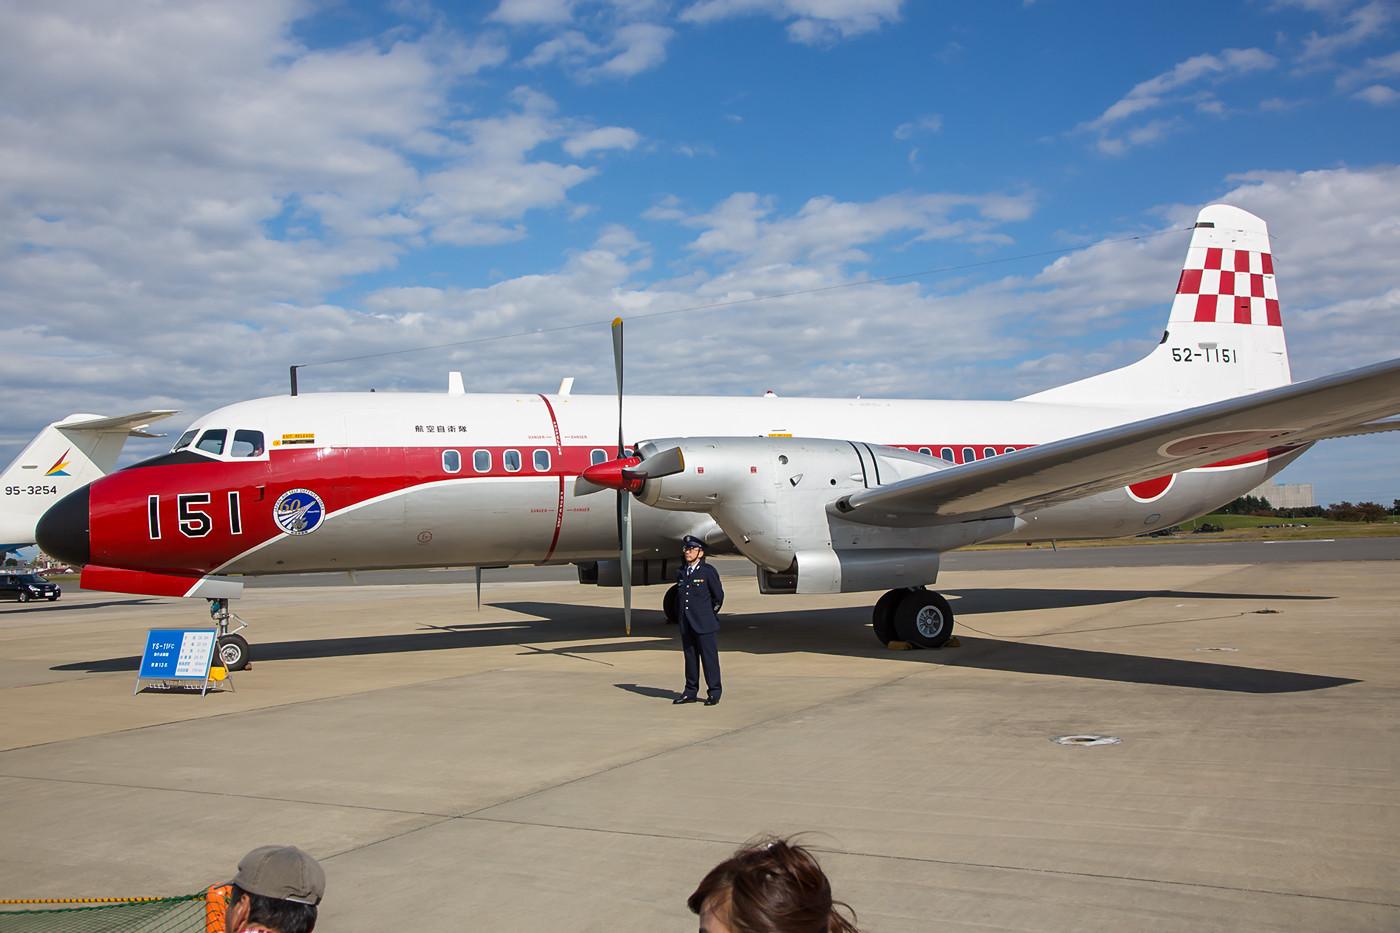 Die 52-1151, eine der letzten fliegenden NAMC YS-11FC